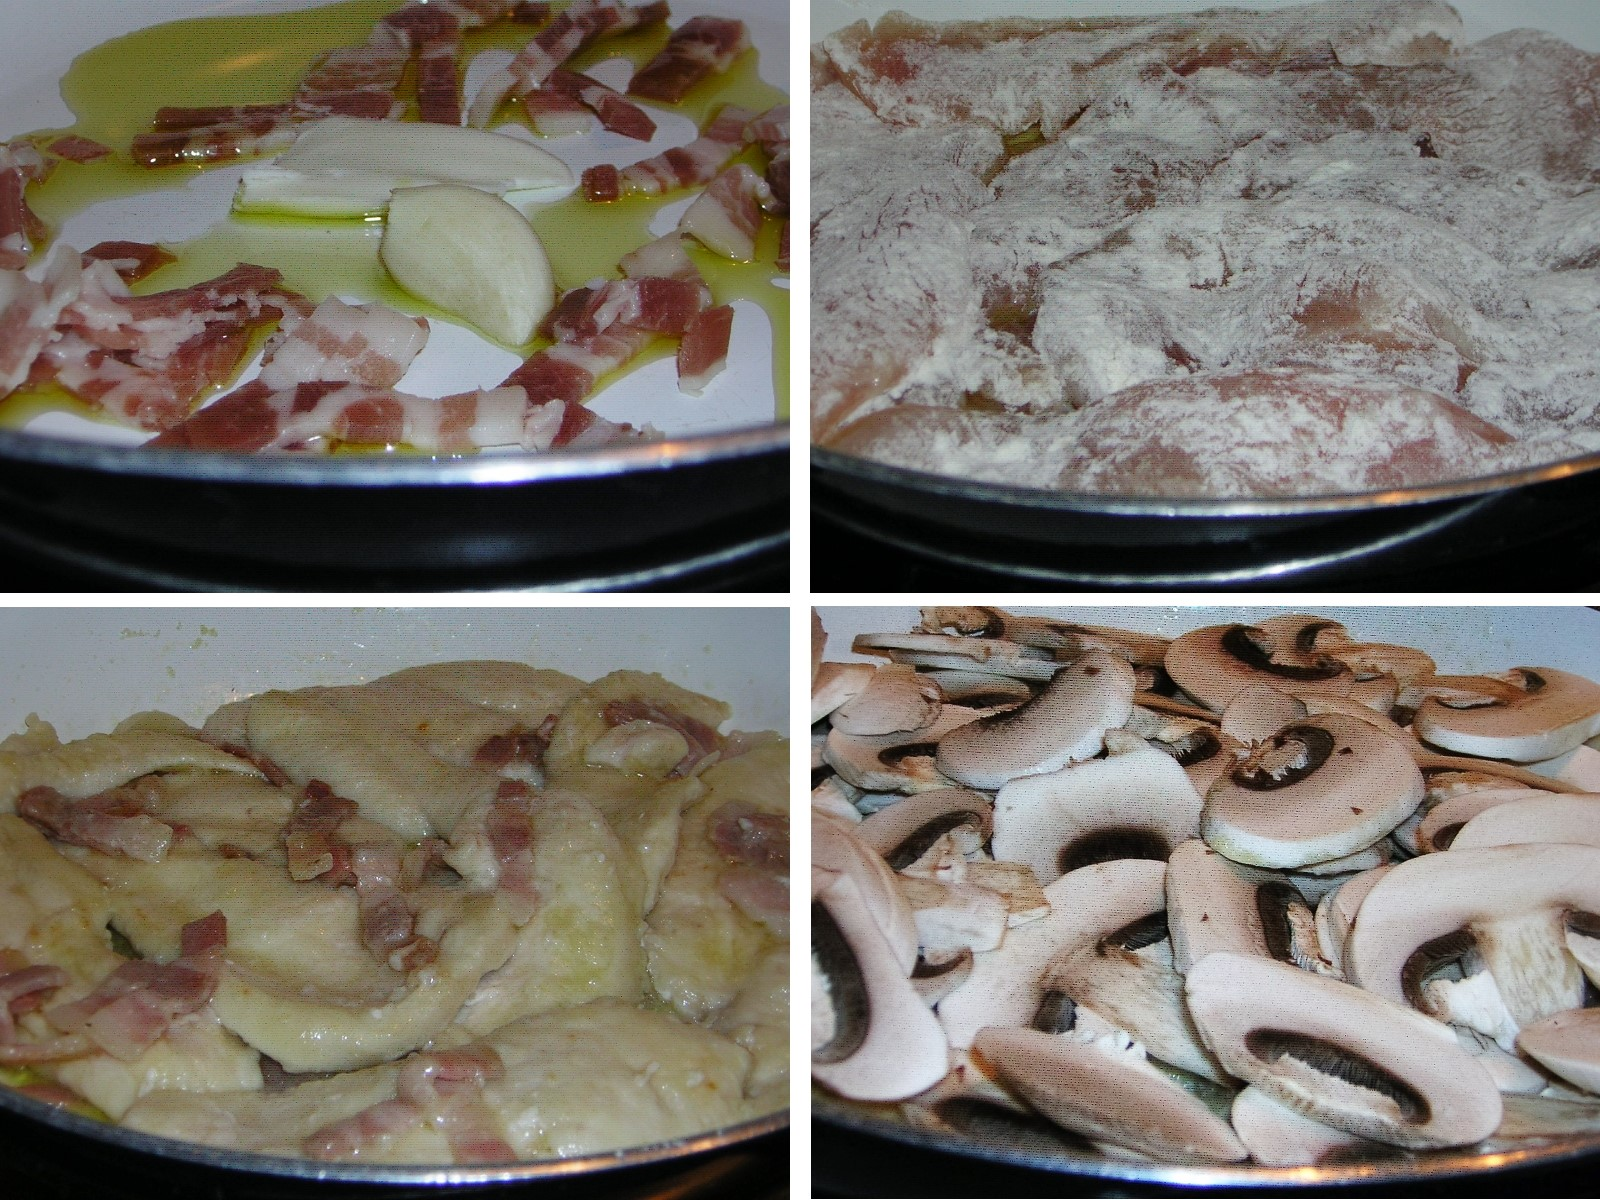 preparazione del petto di pollo funghi e pancetta